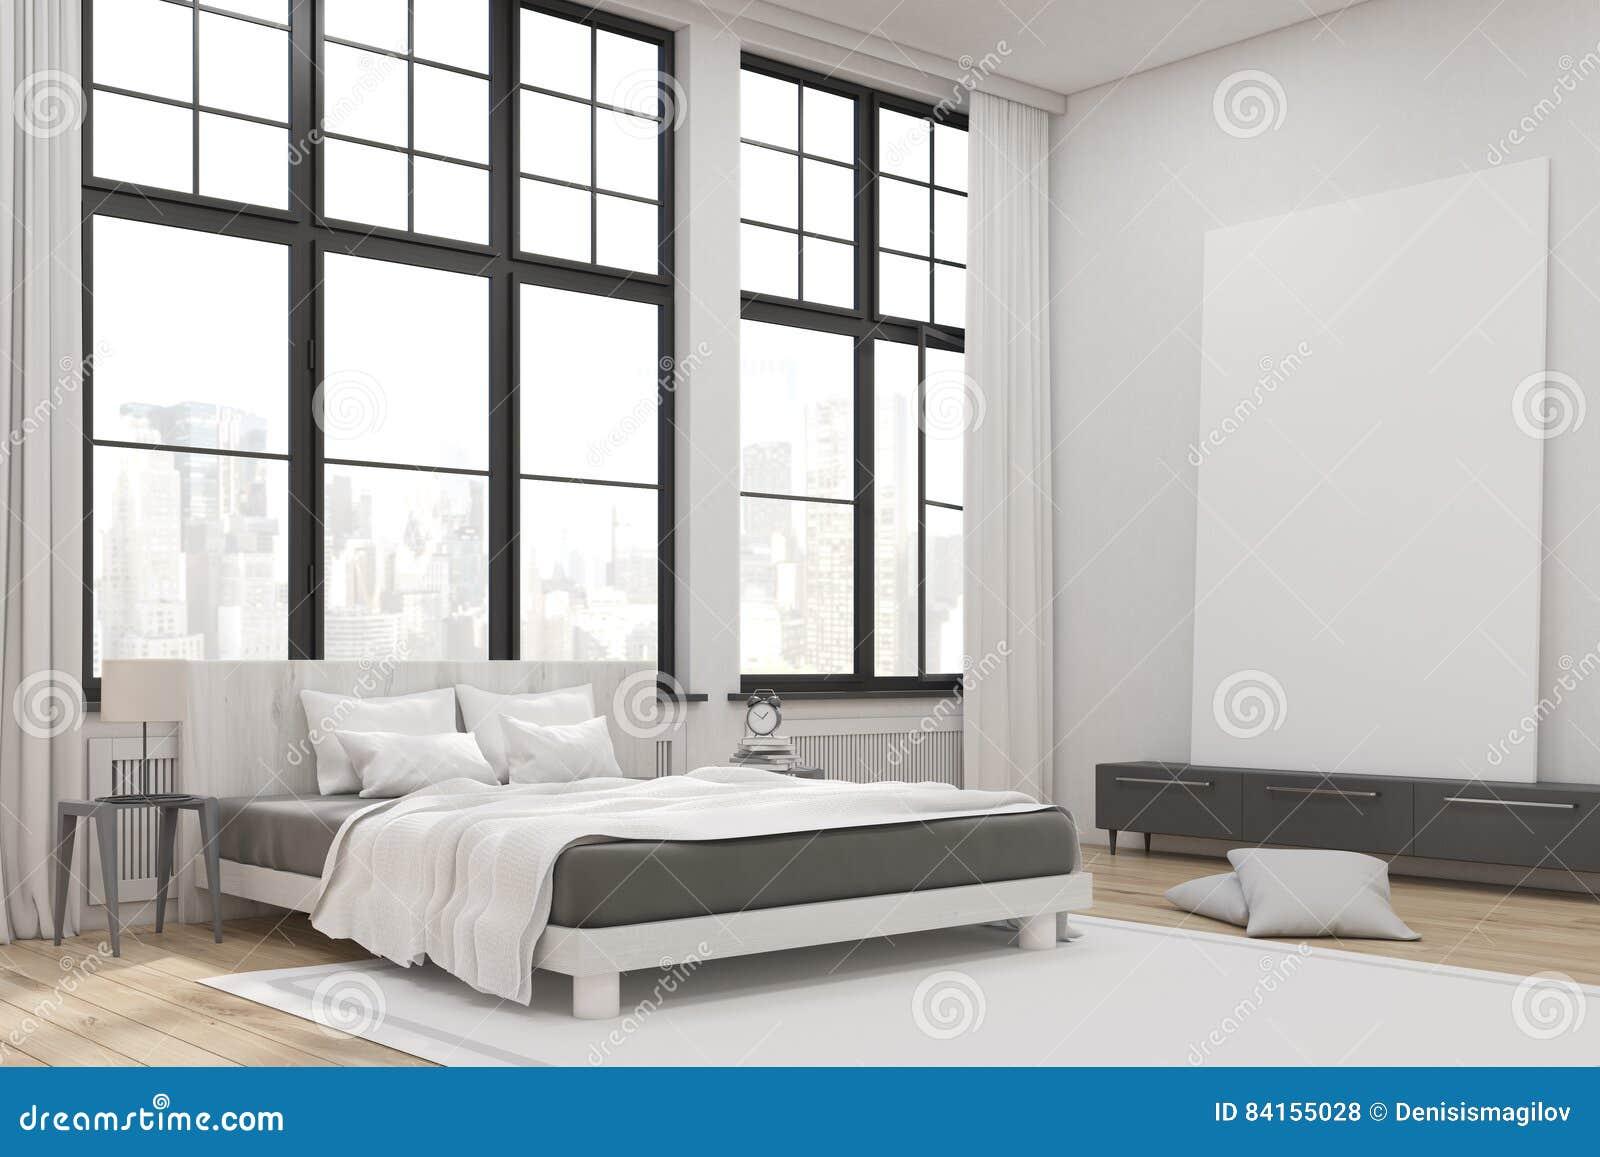 Ecke Eines Hauptschlafzimmers Mit Einem Bett Ein Satz Facher Und